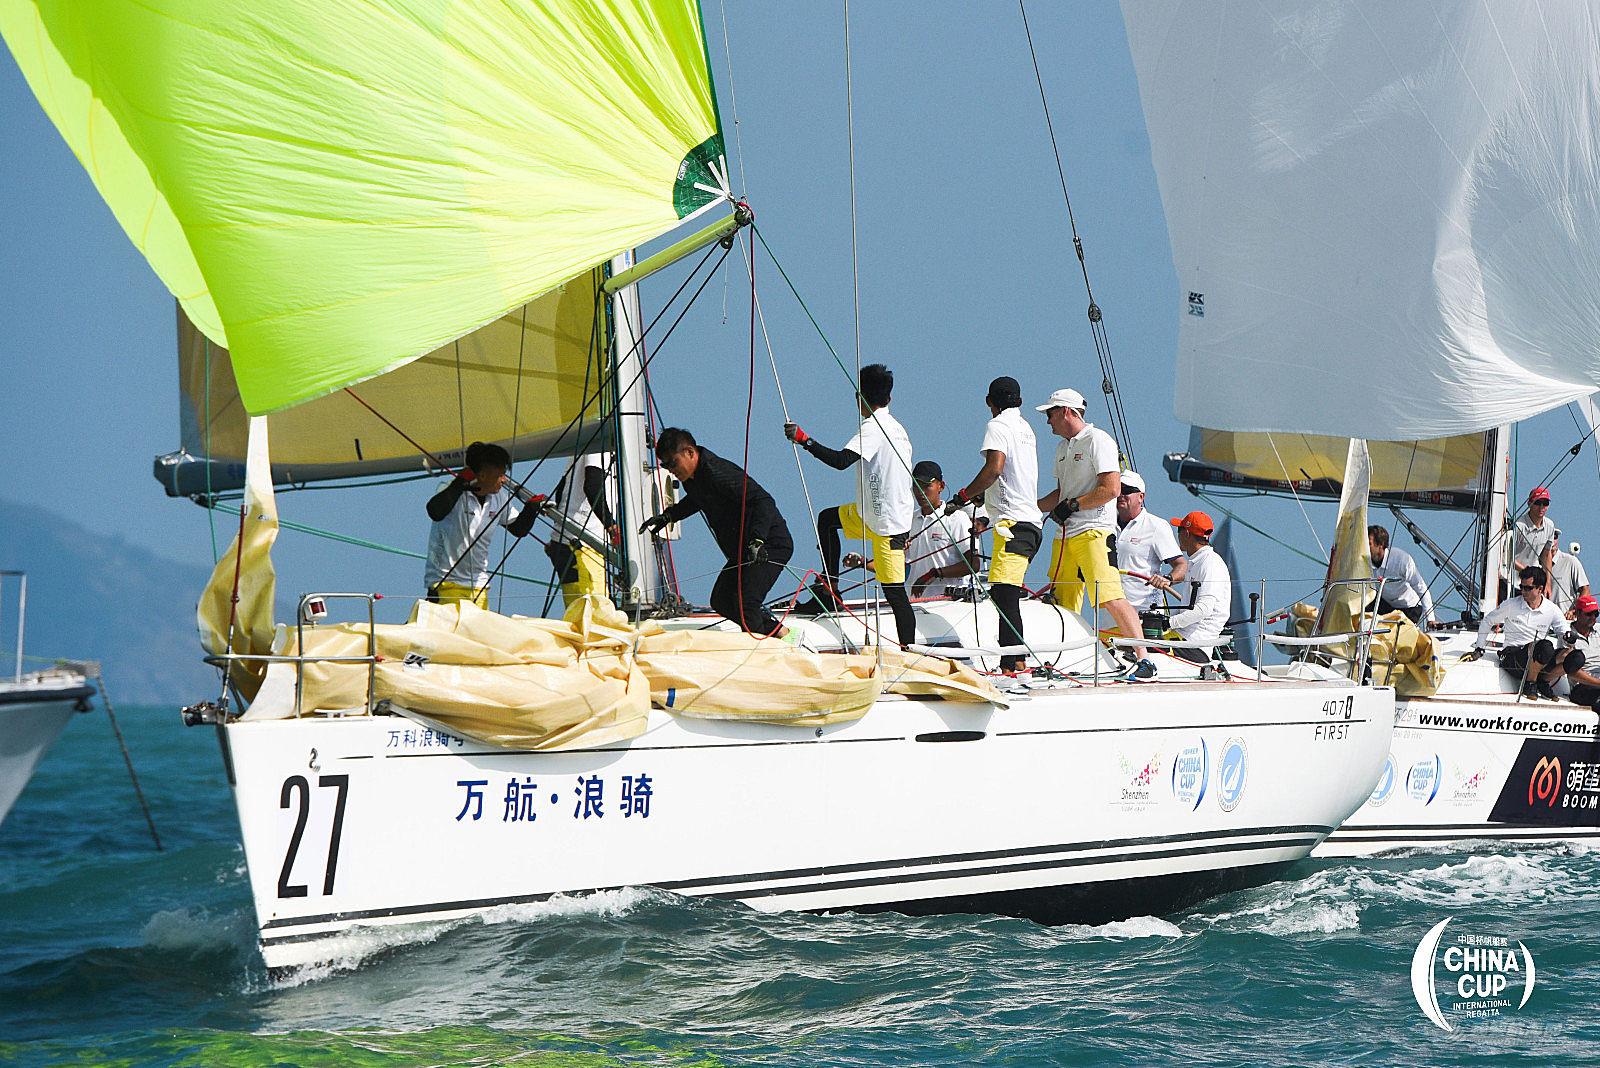 第十二届中国杯帆船赛在无风日中结束,万航浪骑队重夺40.7组冠军